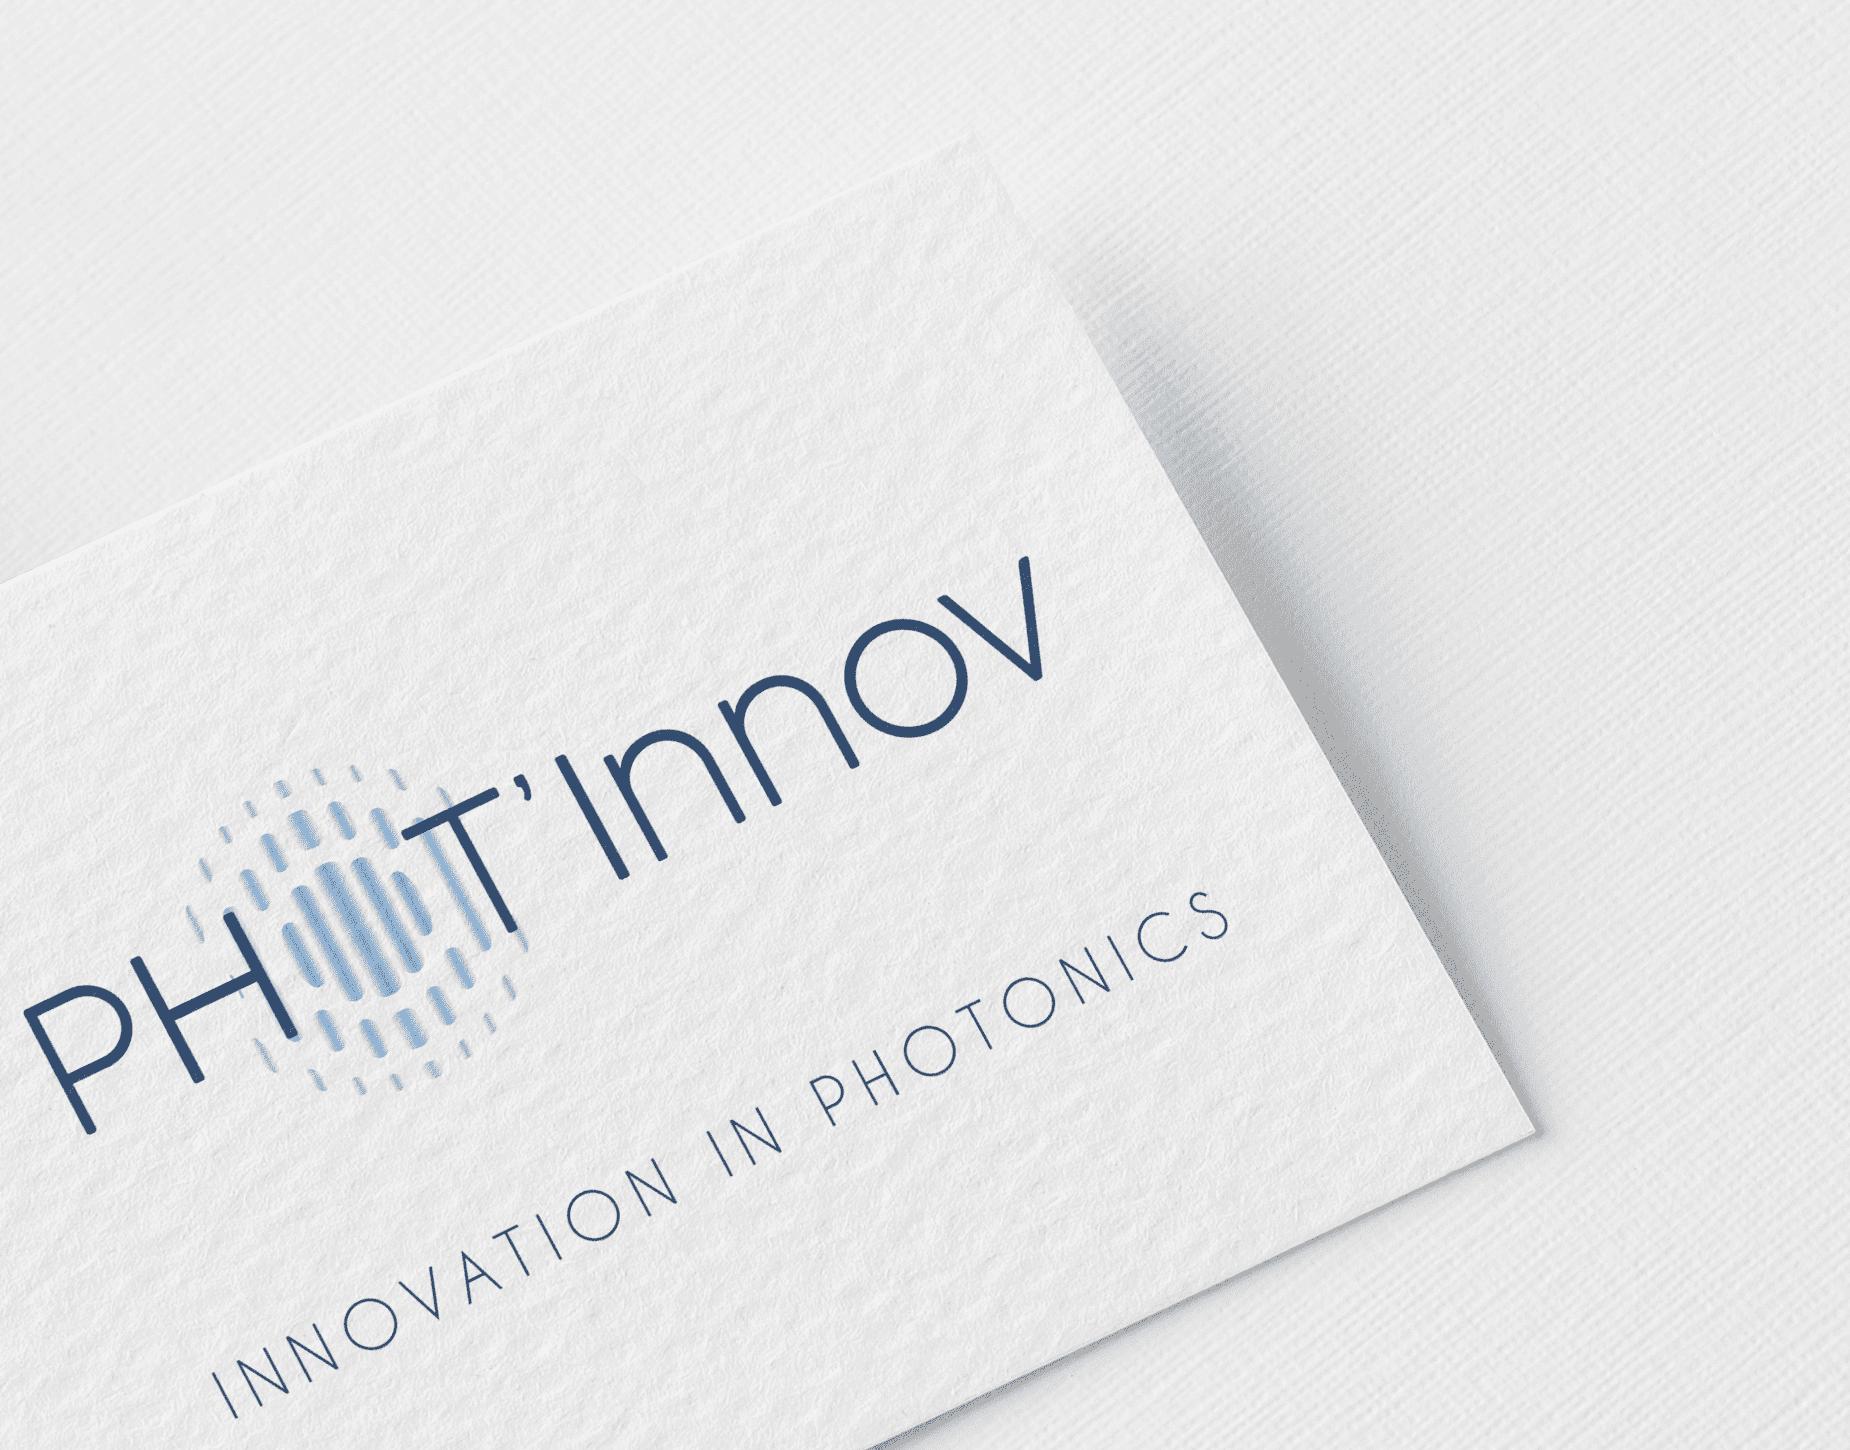 Logo Phot'innov imprimé sur du papier texturé blanc